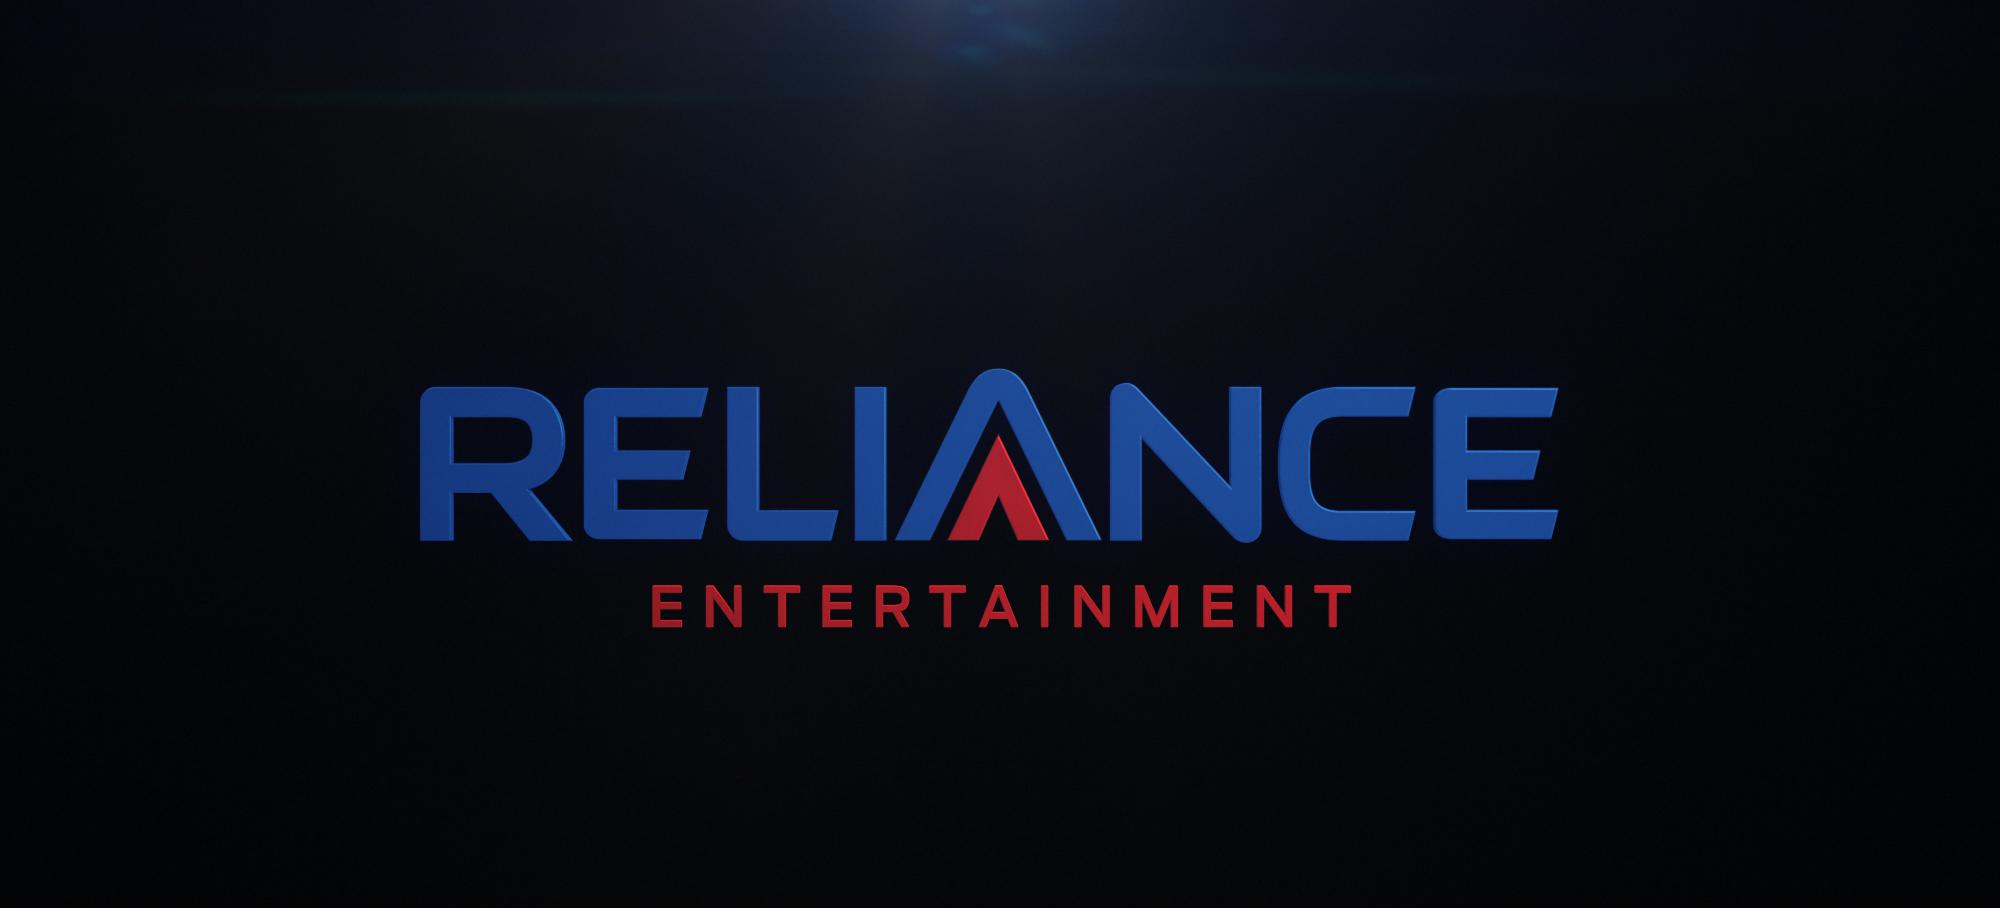 reliance_PS_fullSize_07.jpg